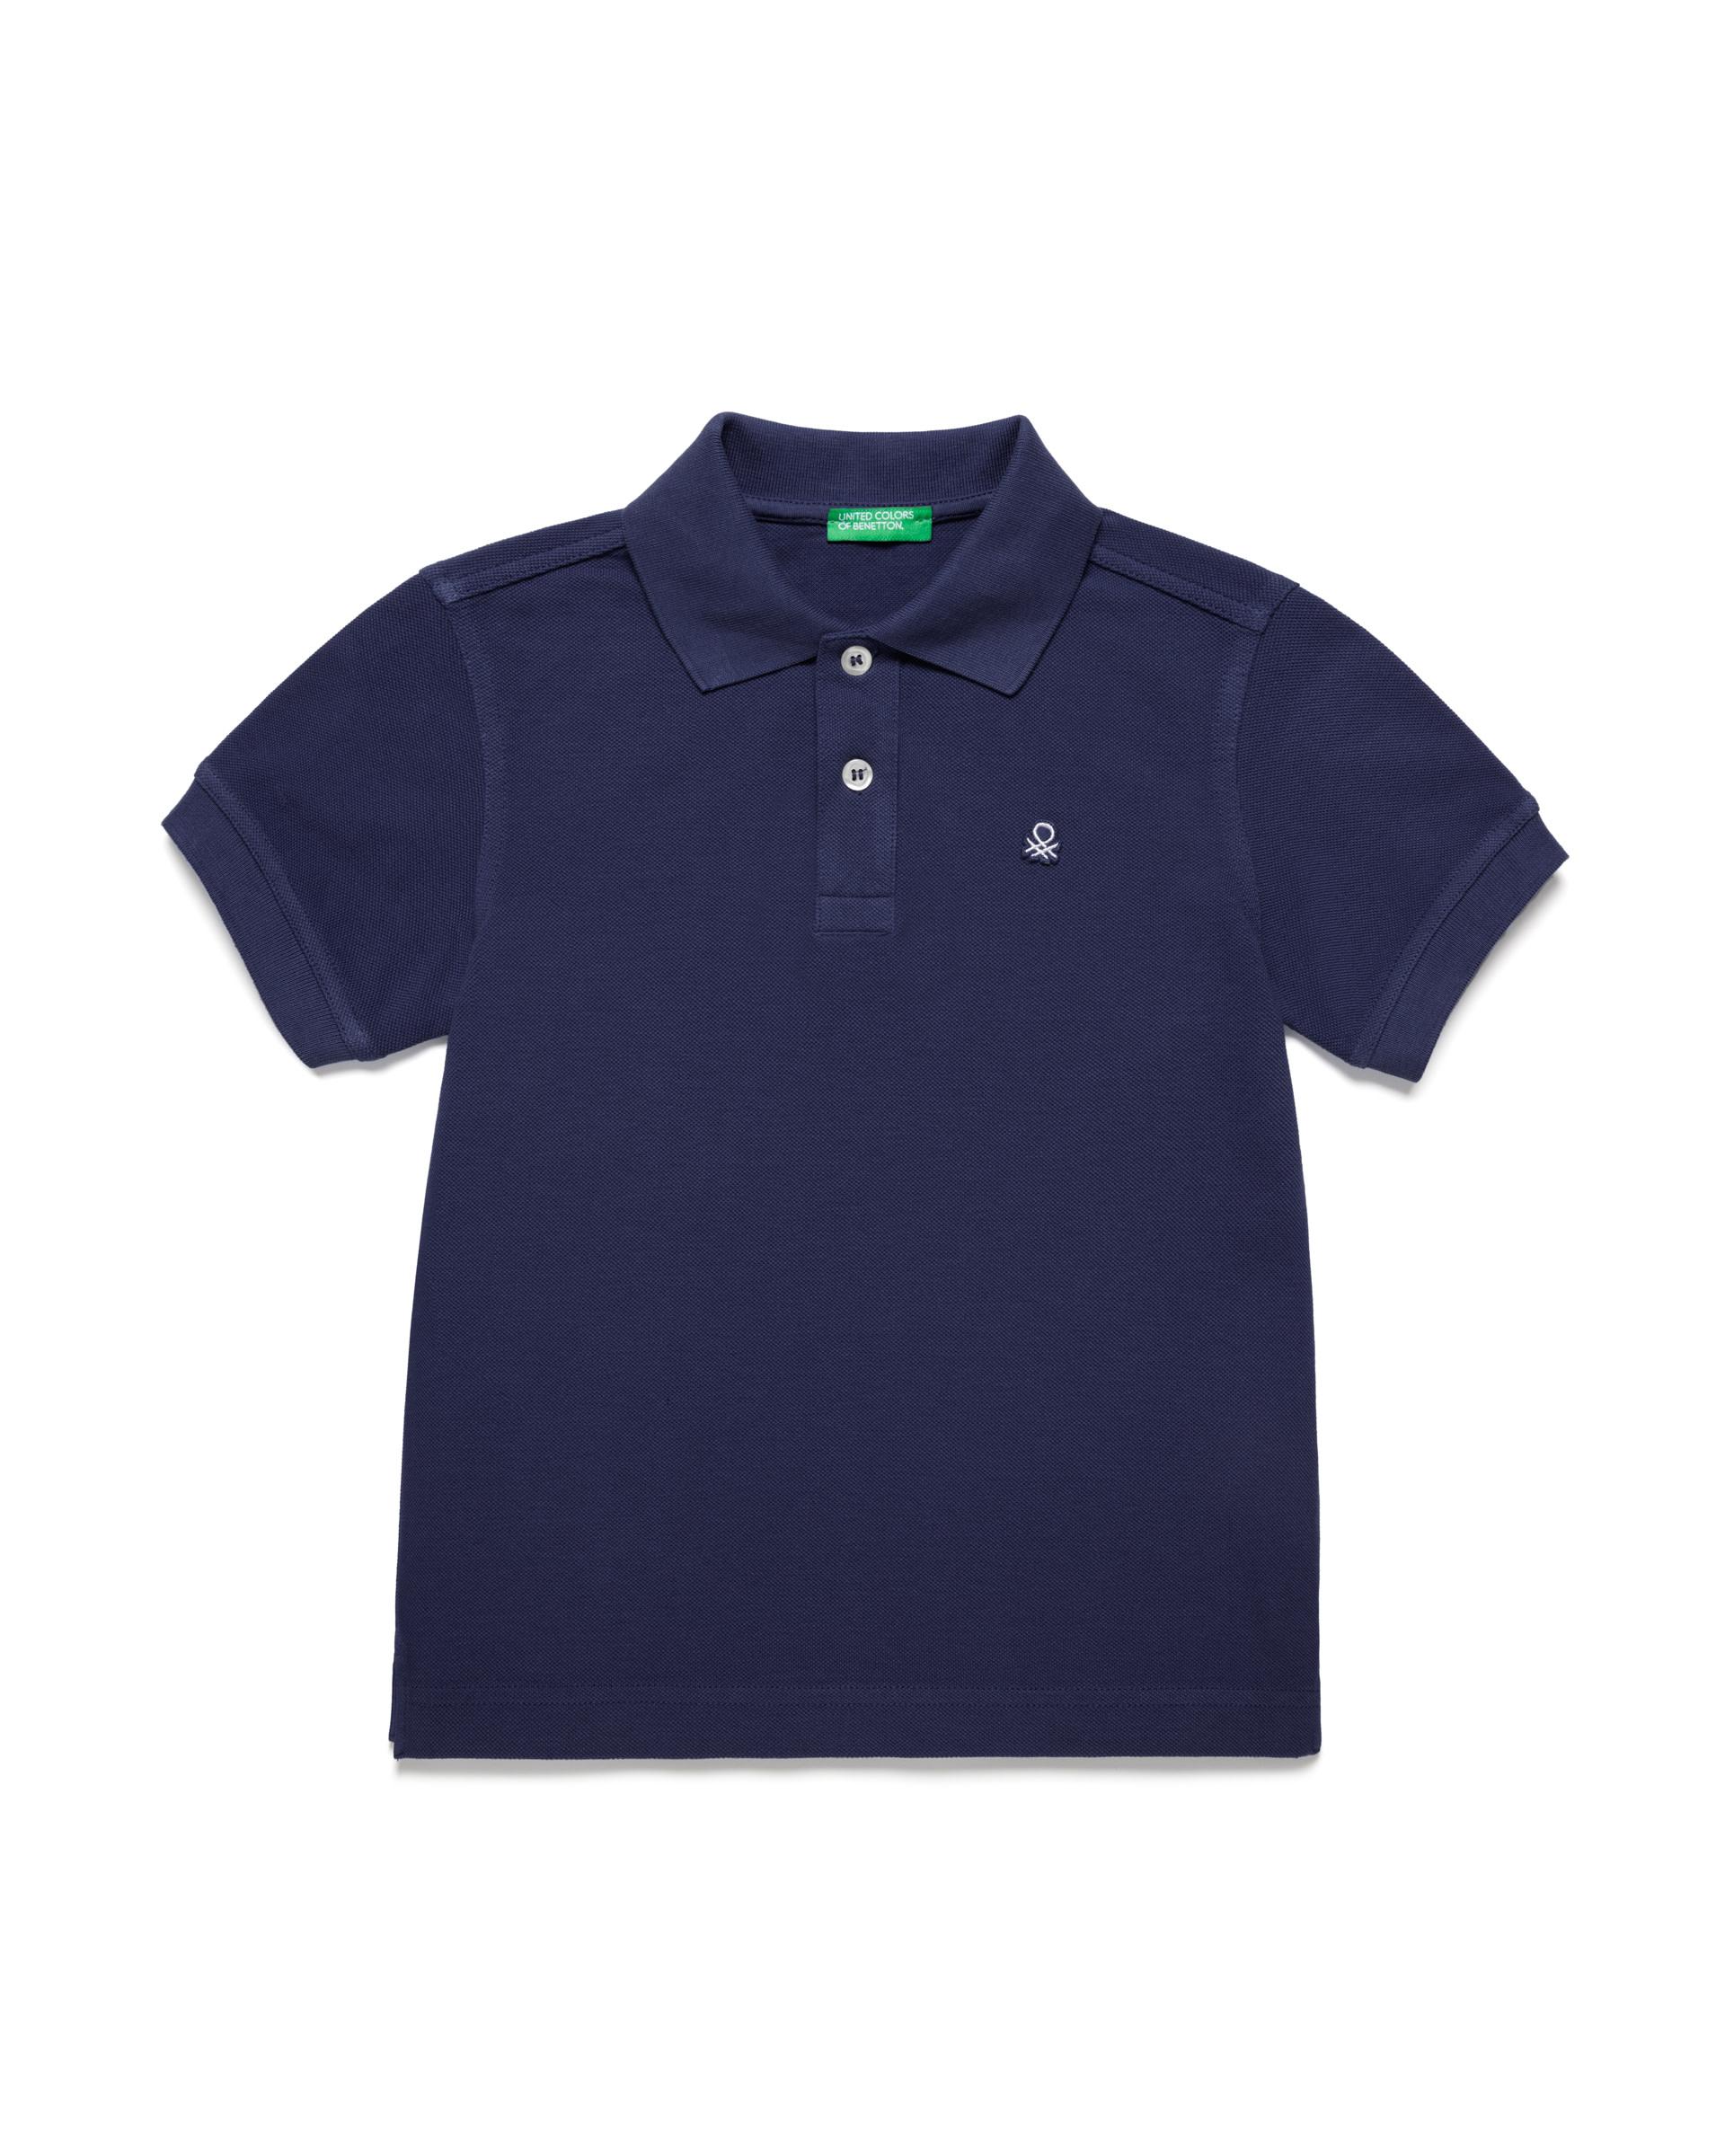 Купить 20P_3089C3091_252, Поло-пике для мальчиков Benetton 3089C3091_252 р-р 92, United Colors of Benetton, Кофточки, футболки для новорожденных